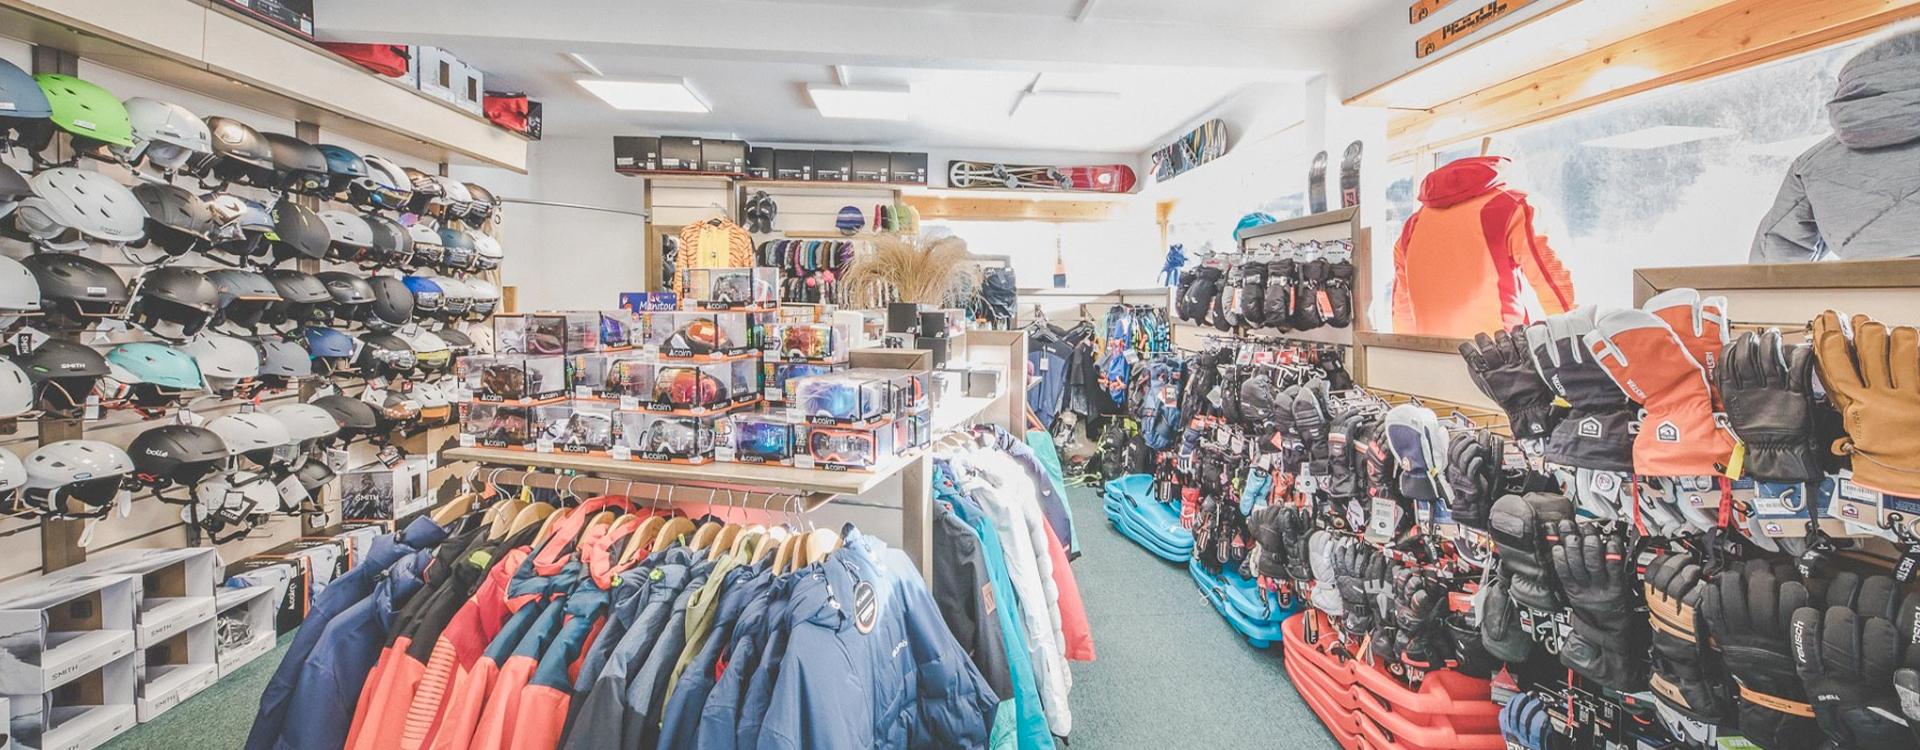 Vêtements et accessoires de ski et snowboard